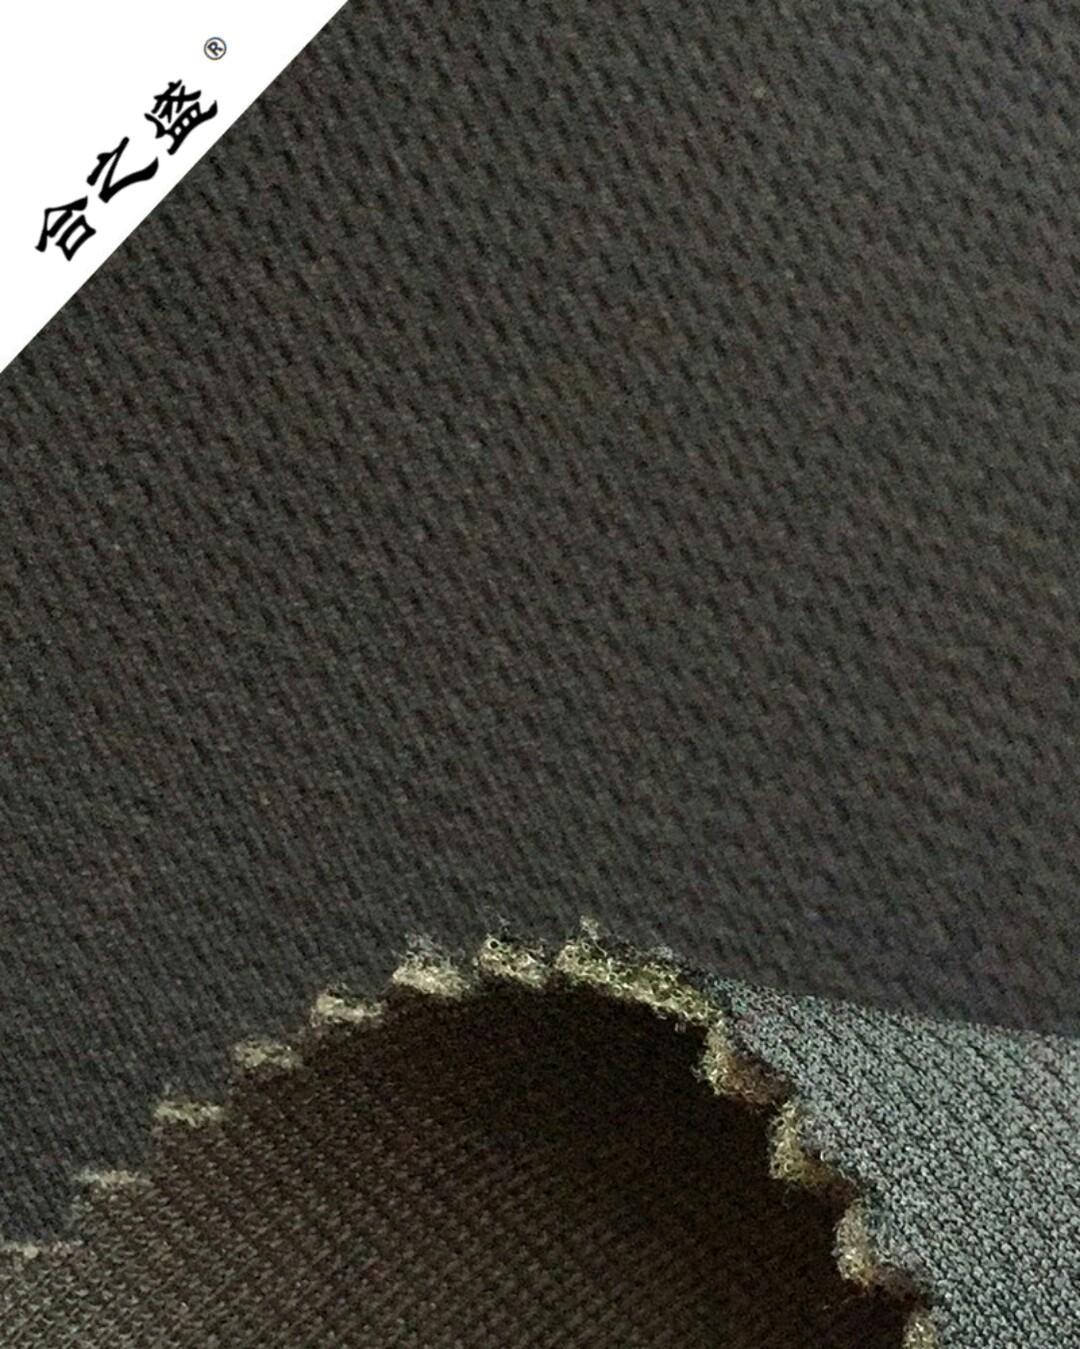 sponge bonding material for gloves